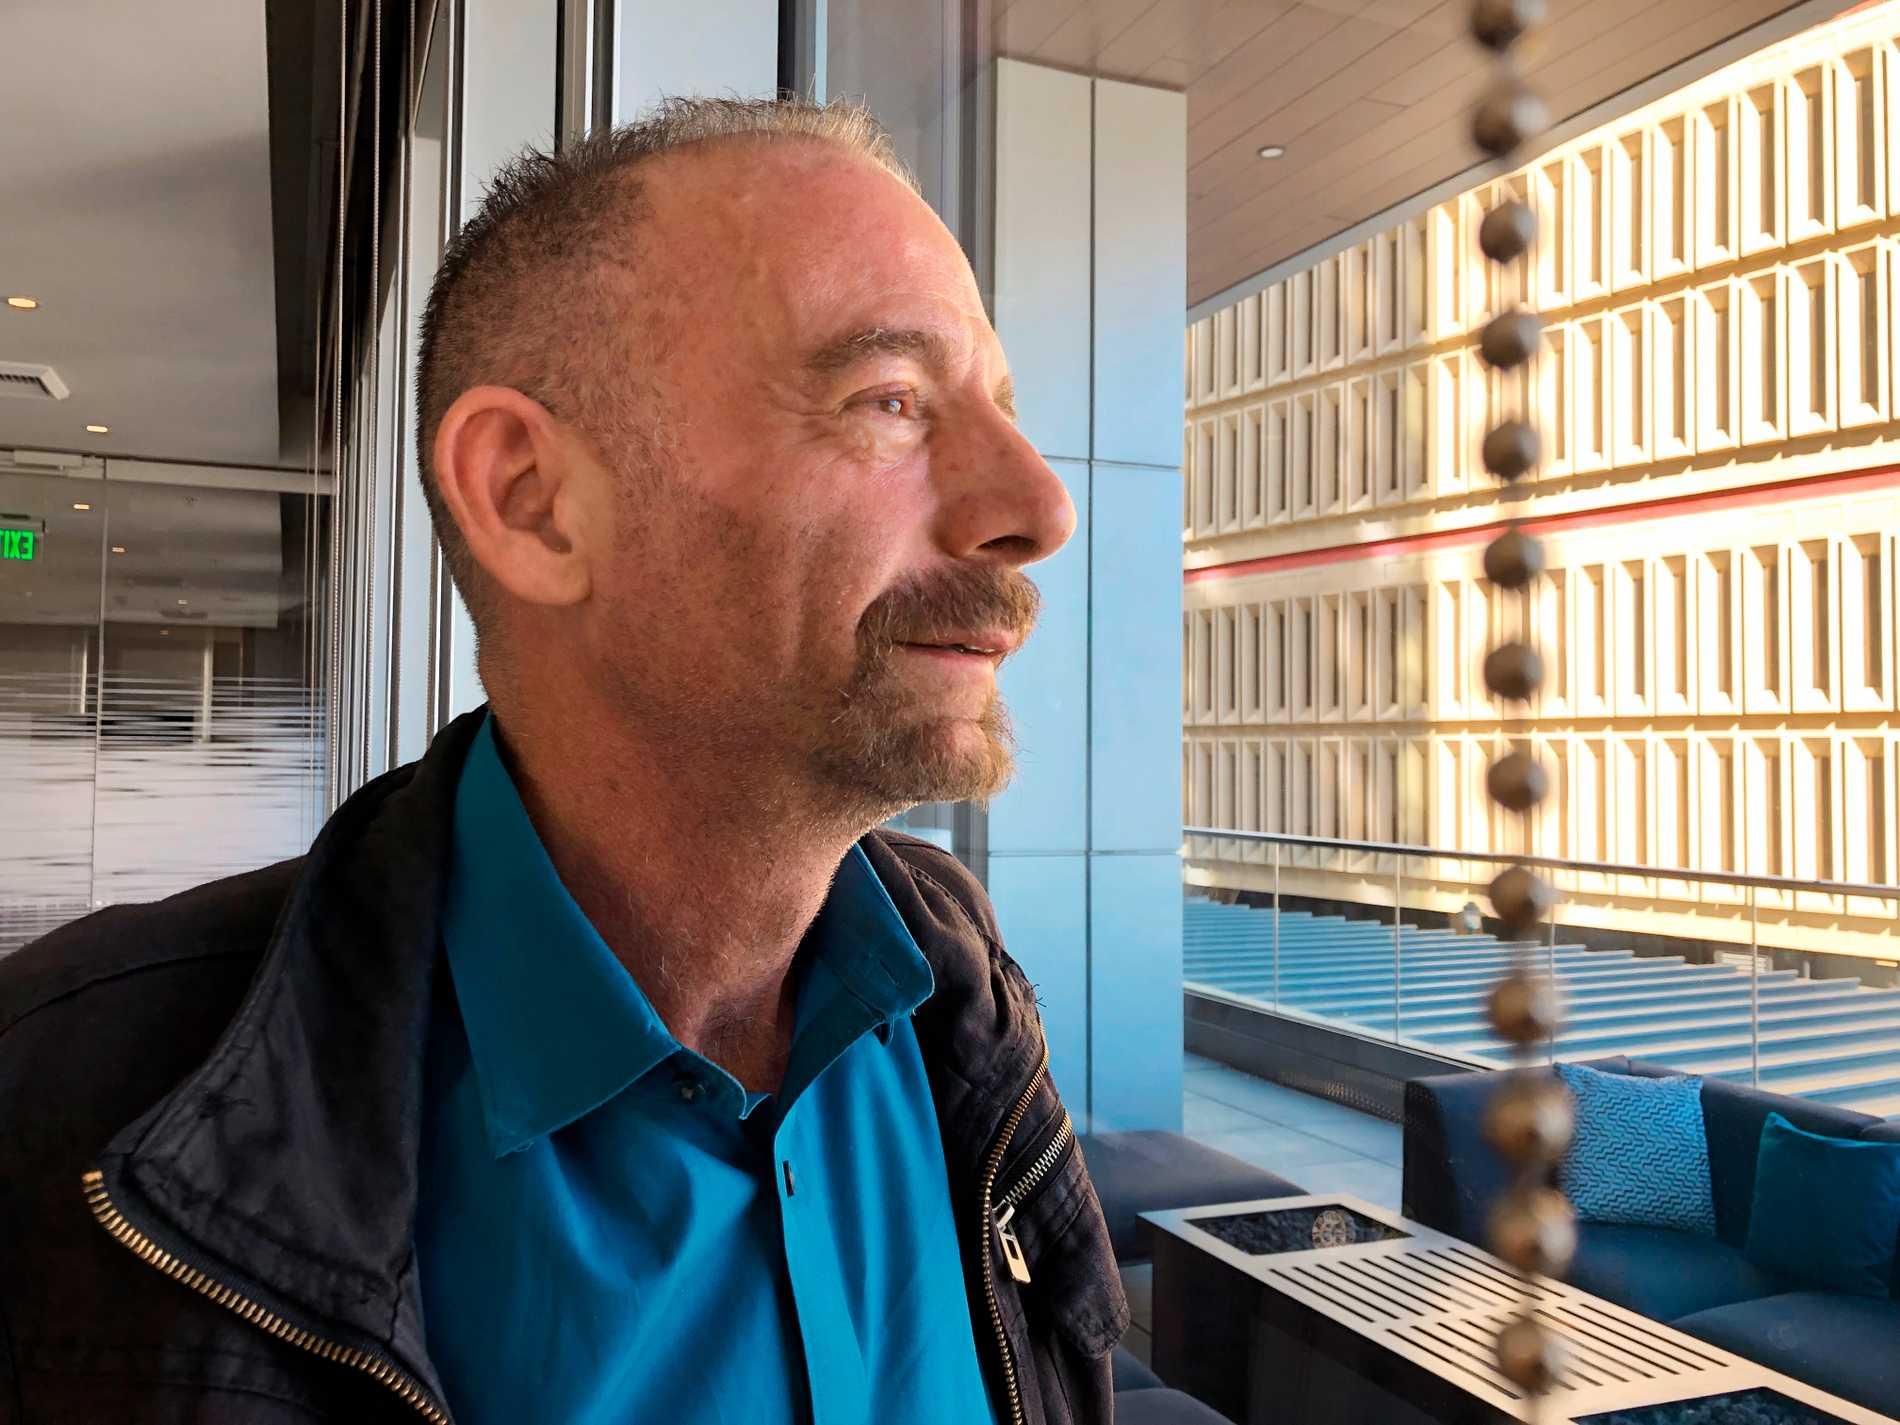 Timothy Brown, även känd som Berlinpatienten, var den förste personen som friskförklarades efter att ha smittats av hiv. Nu har en andra person friskförklarats.